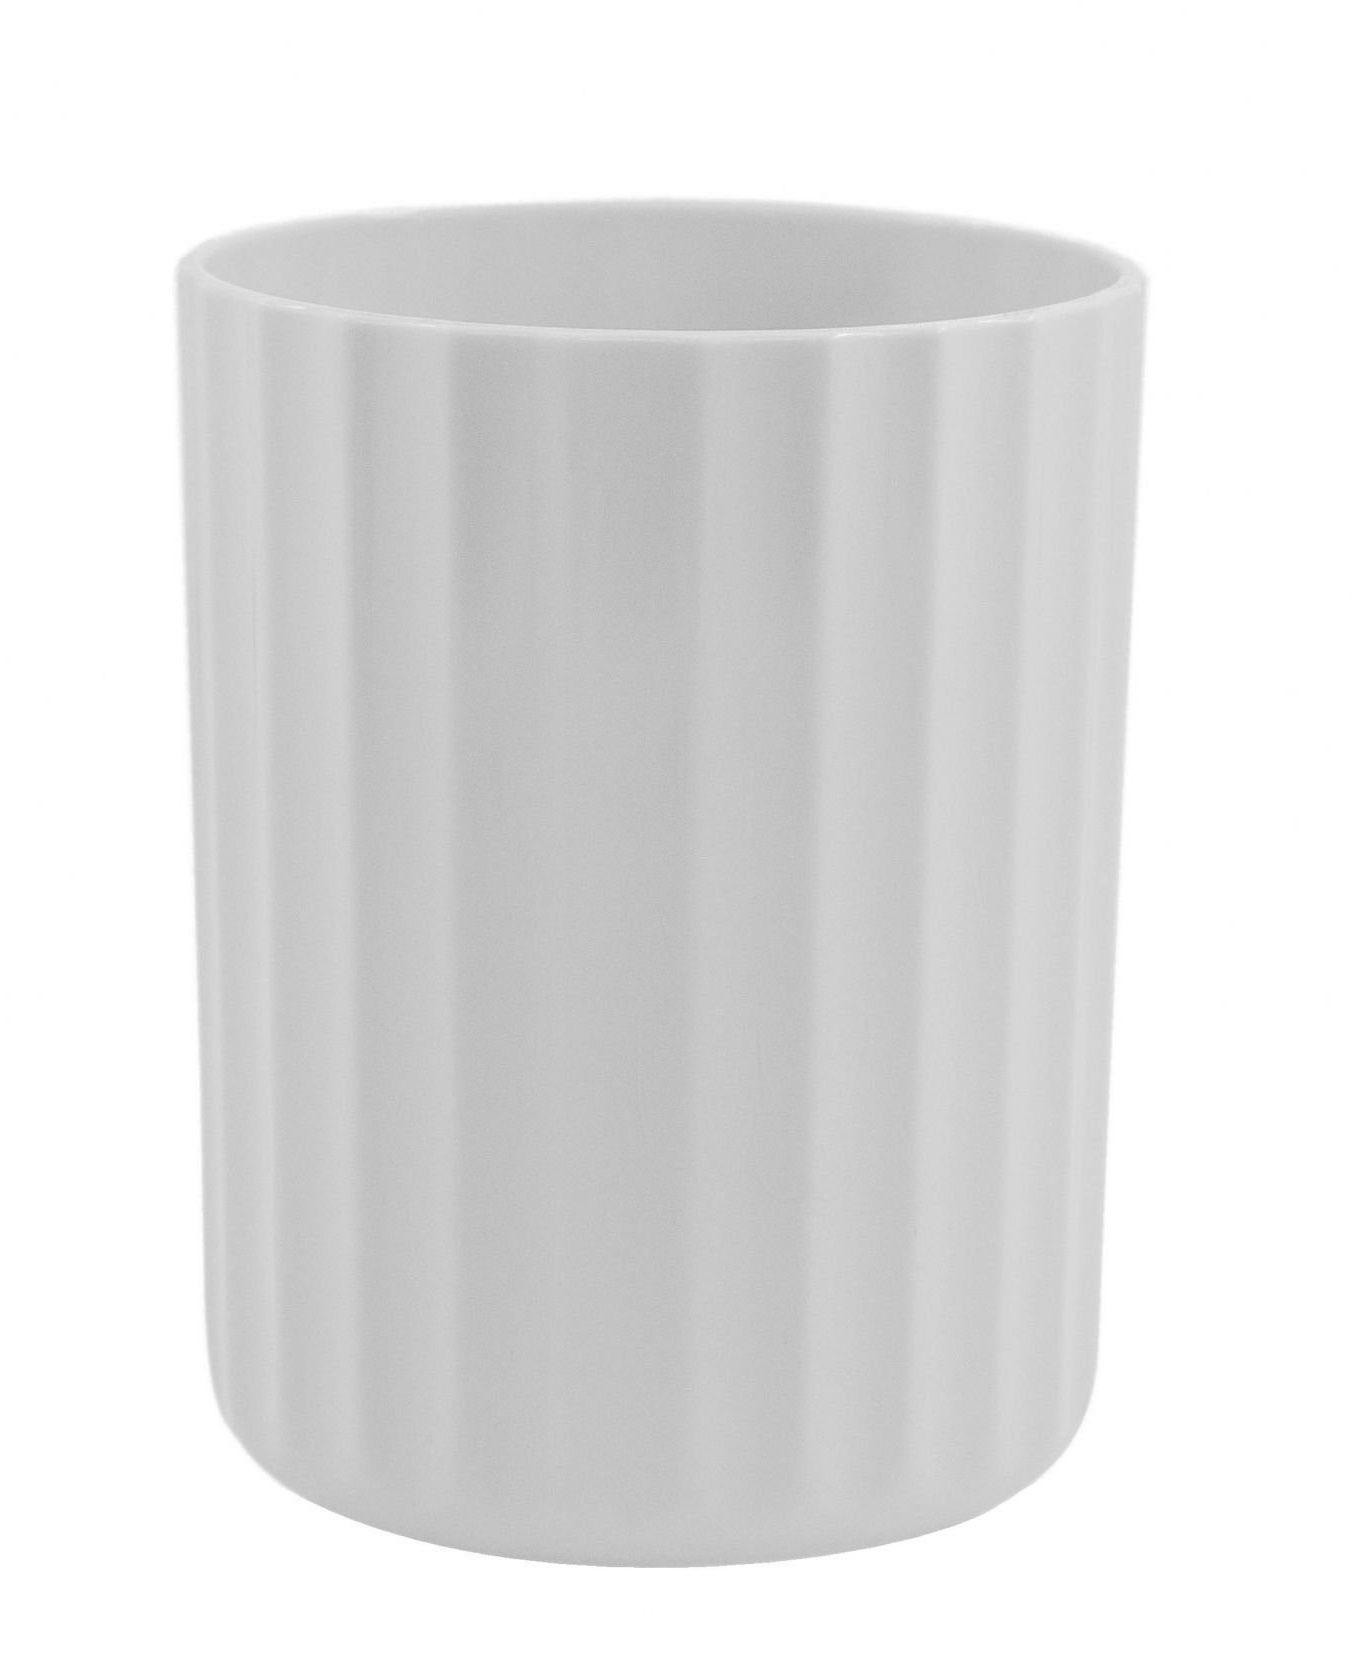 Vaso Groove Pequeno Branco Fechado Linha Plantar < Ou >